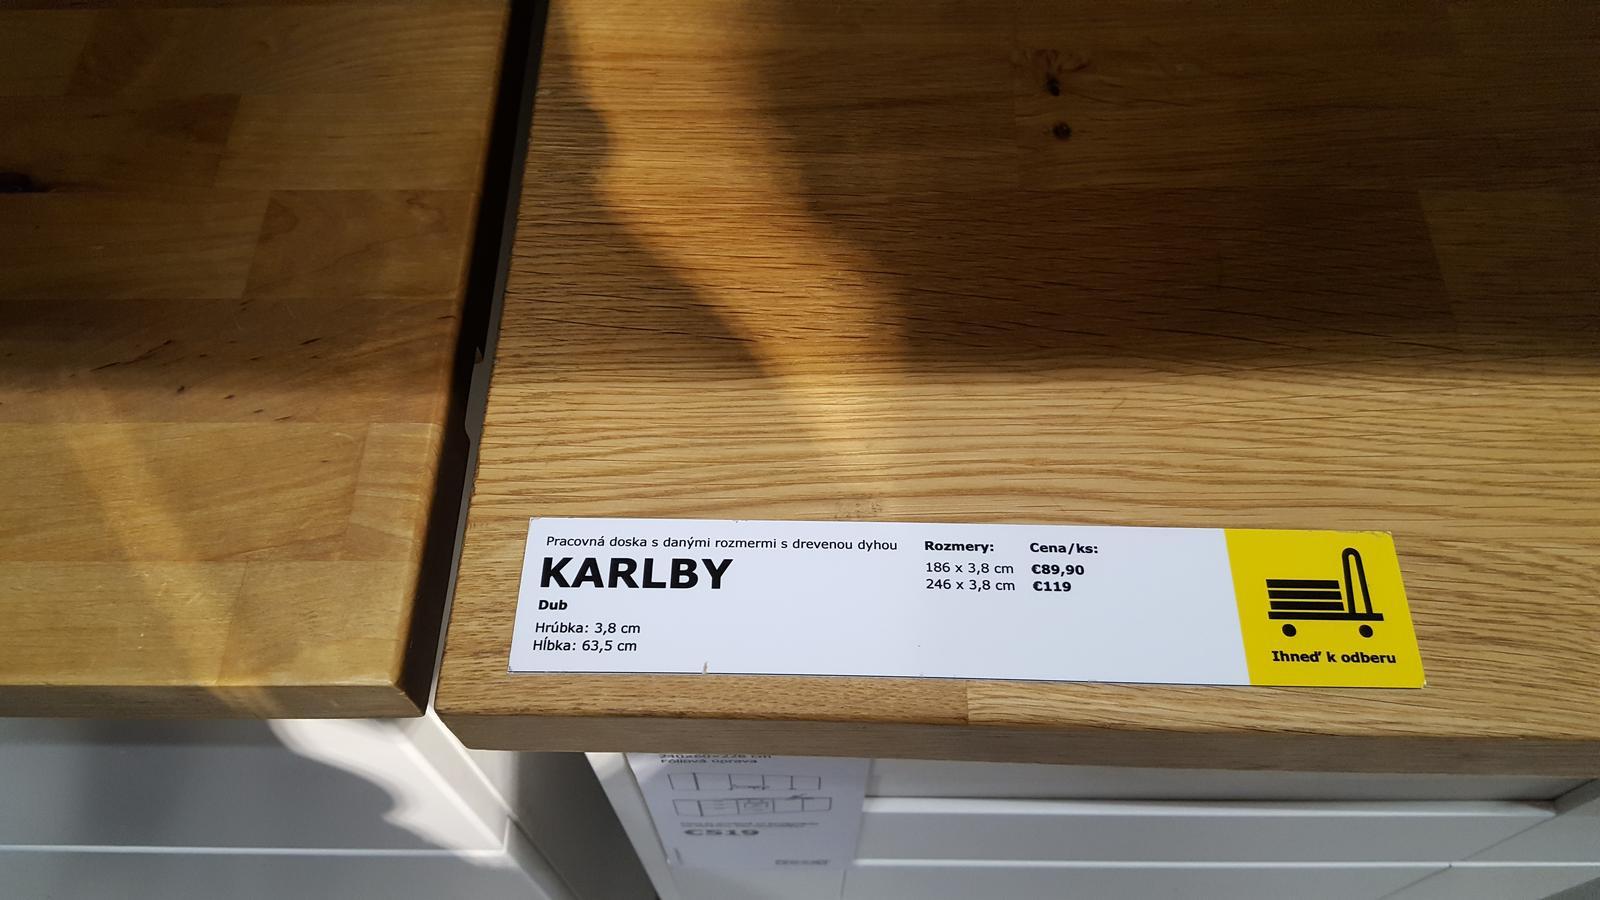 Bol som dnes v ikei a mily zakaznici co vam mila IKEA predstavuje ako masiv sa len tak tvari ru je dokaz - Krasa nie.  Masivna doska juj aka pekna 40 mm cca hrubka